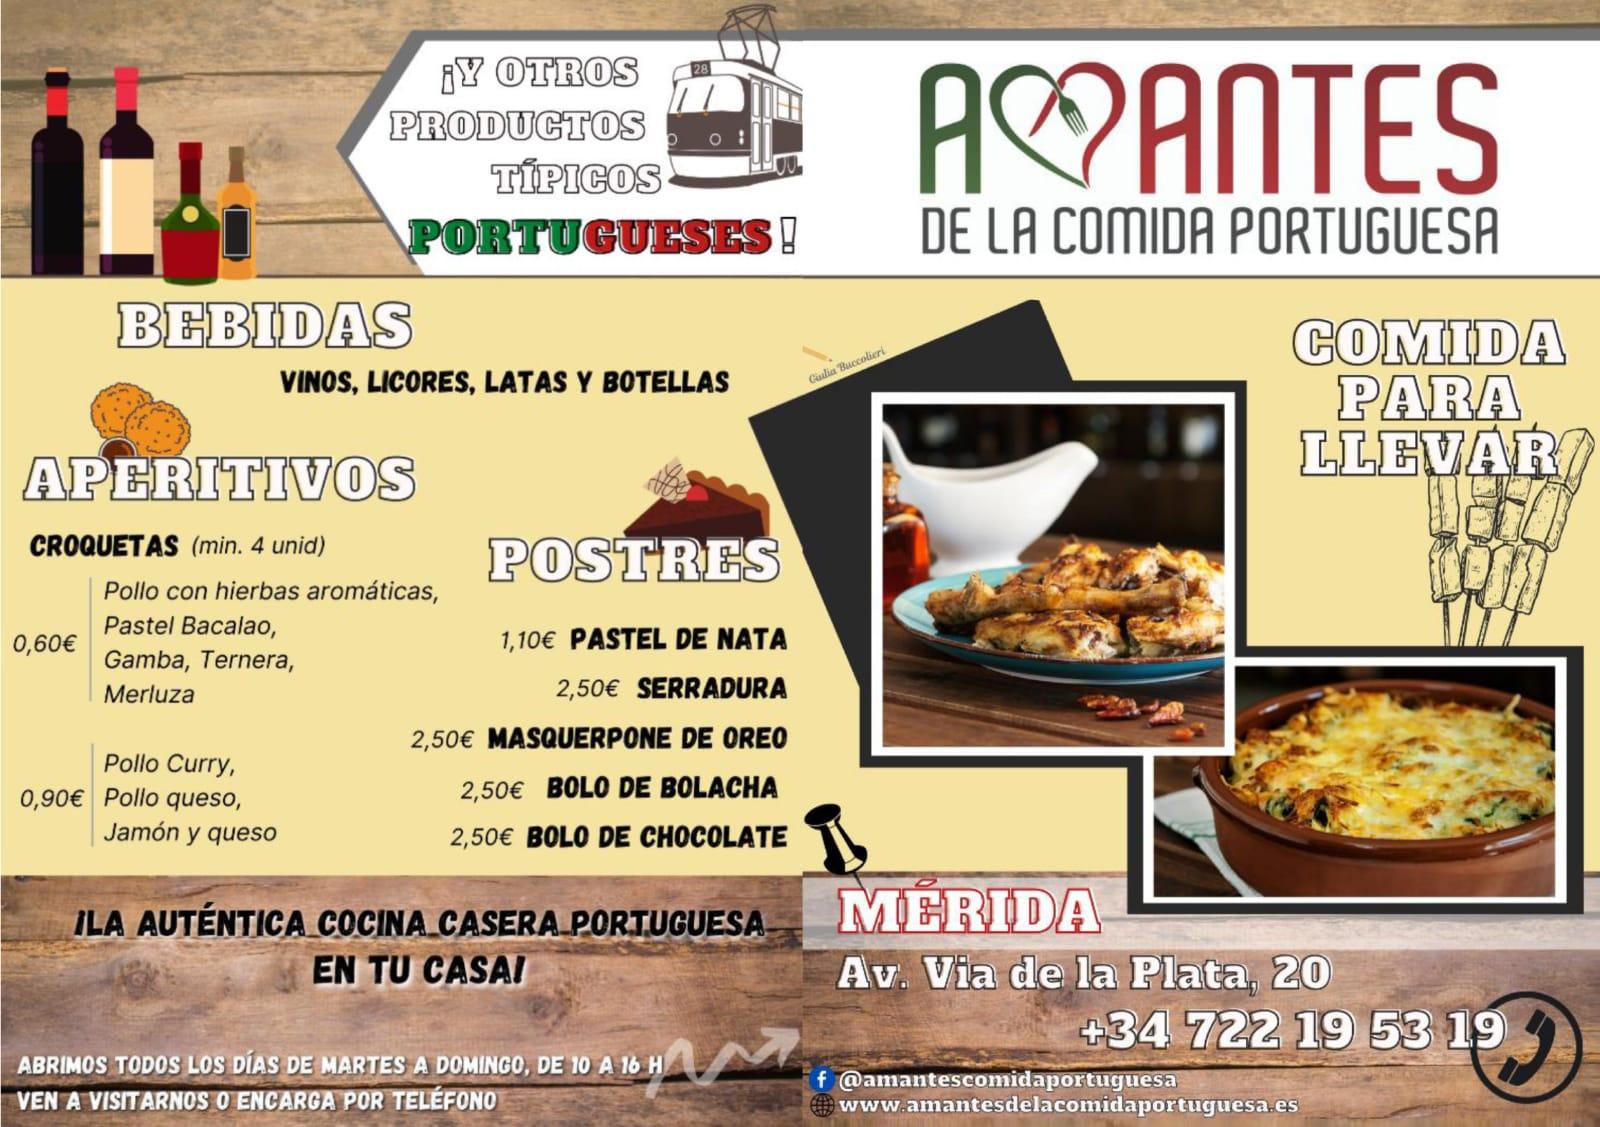 Comida casera a domicilio en Merida Amantes de la comida Portuguesa Pollos